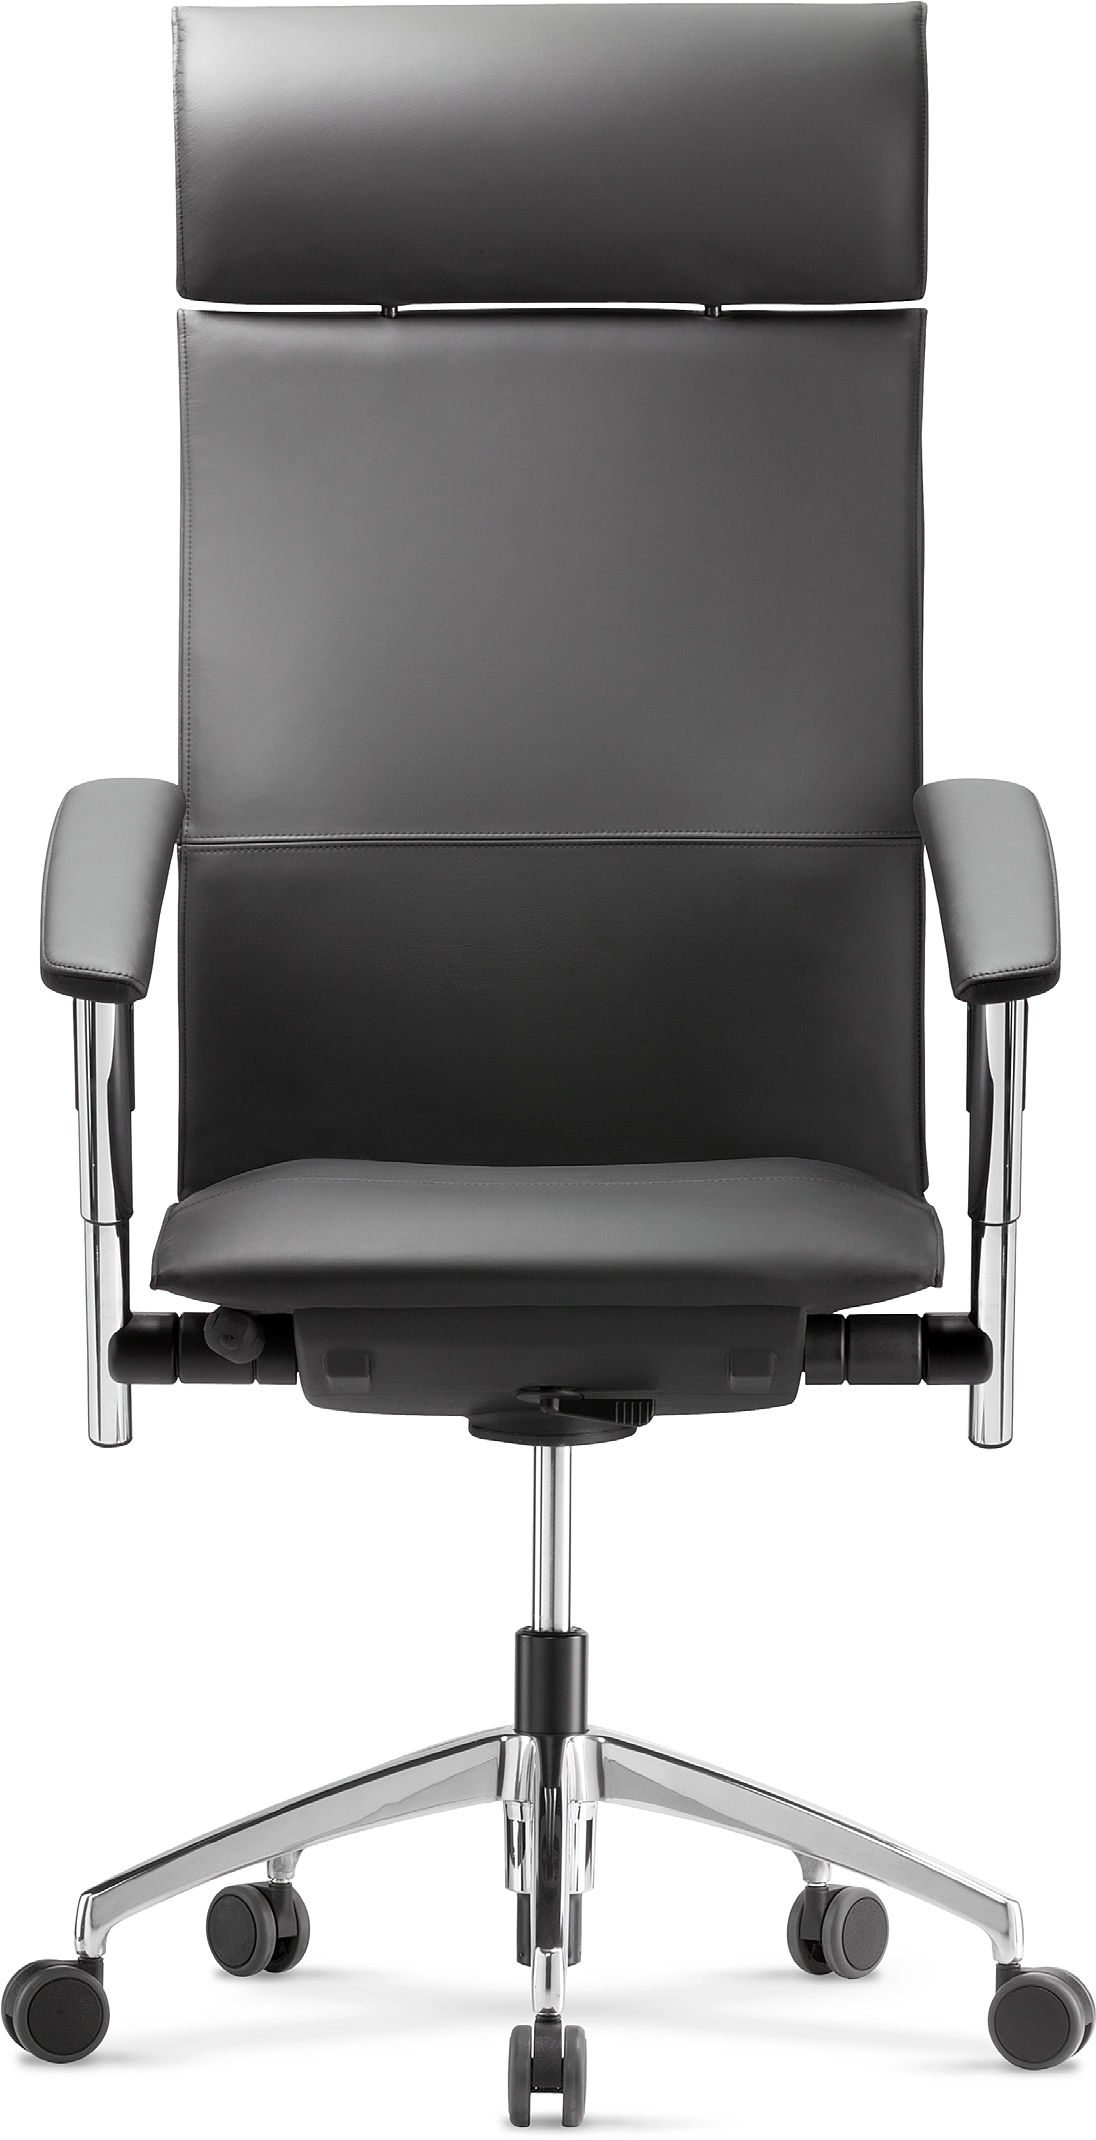 NOWY STYL Krzesło biurowe TIGER-UP-GT-8 GTP